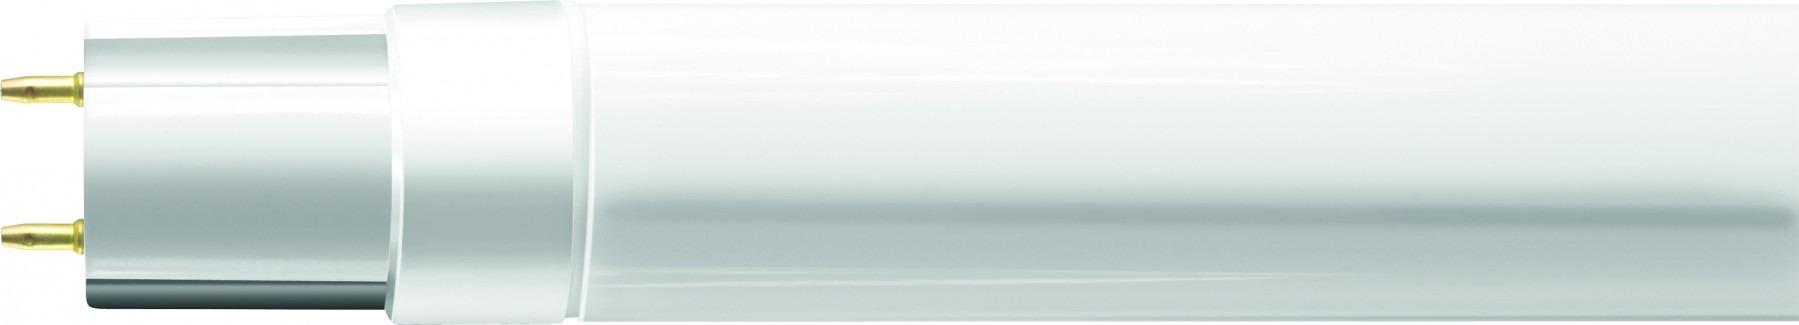 Philips CorePro LED tube 120 cm Röhre 16 Watt kaltweiß